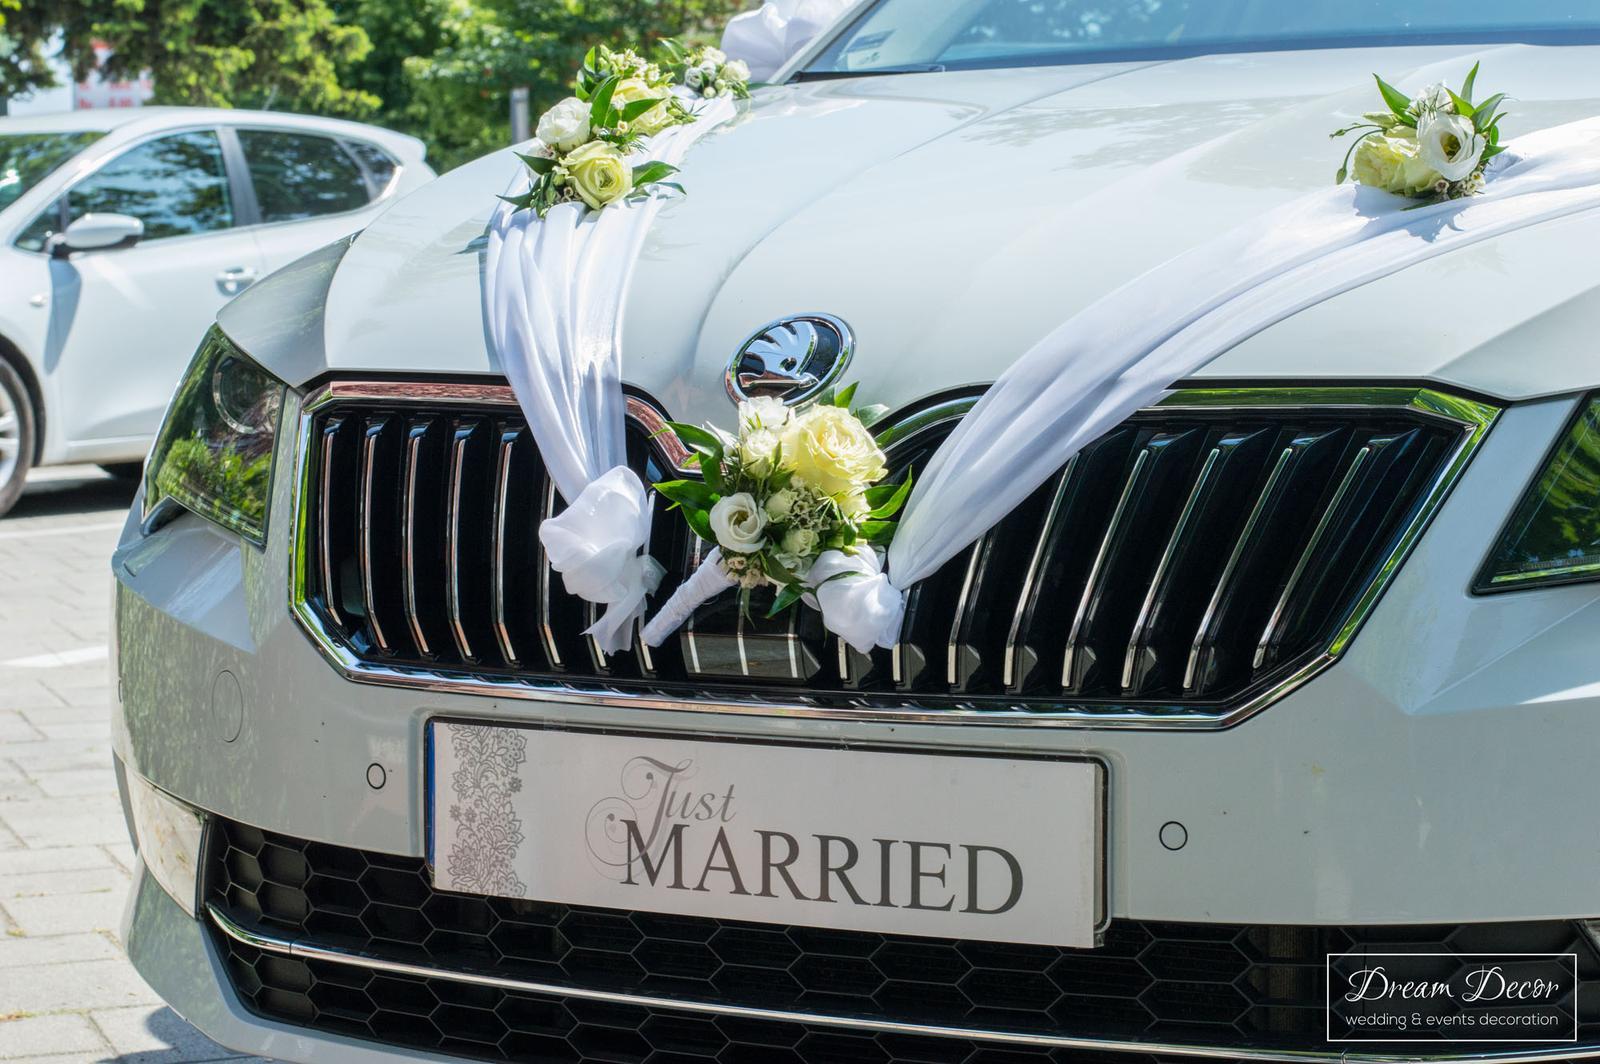 Svadobná výzdoba Hotel Tevel, Sládkovičovo - Dream Decor - výzdoba svadobného auta